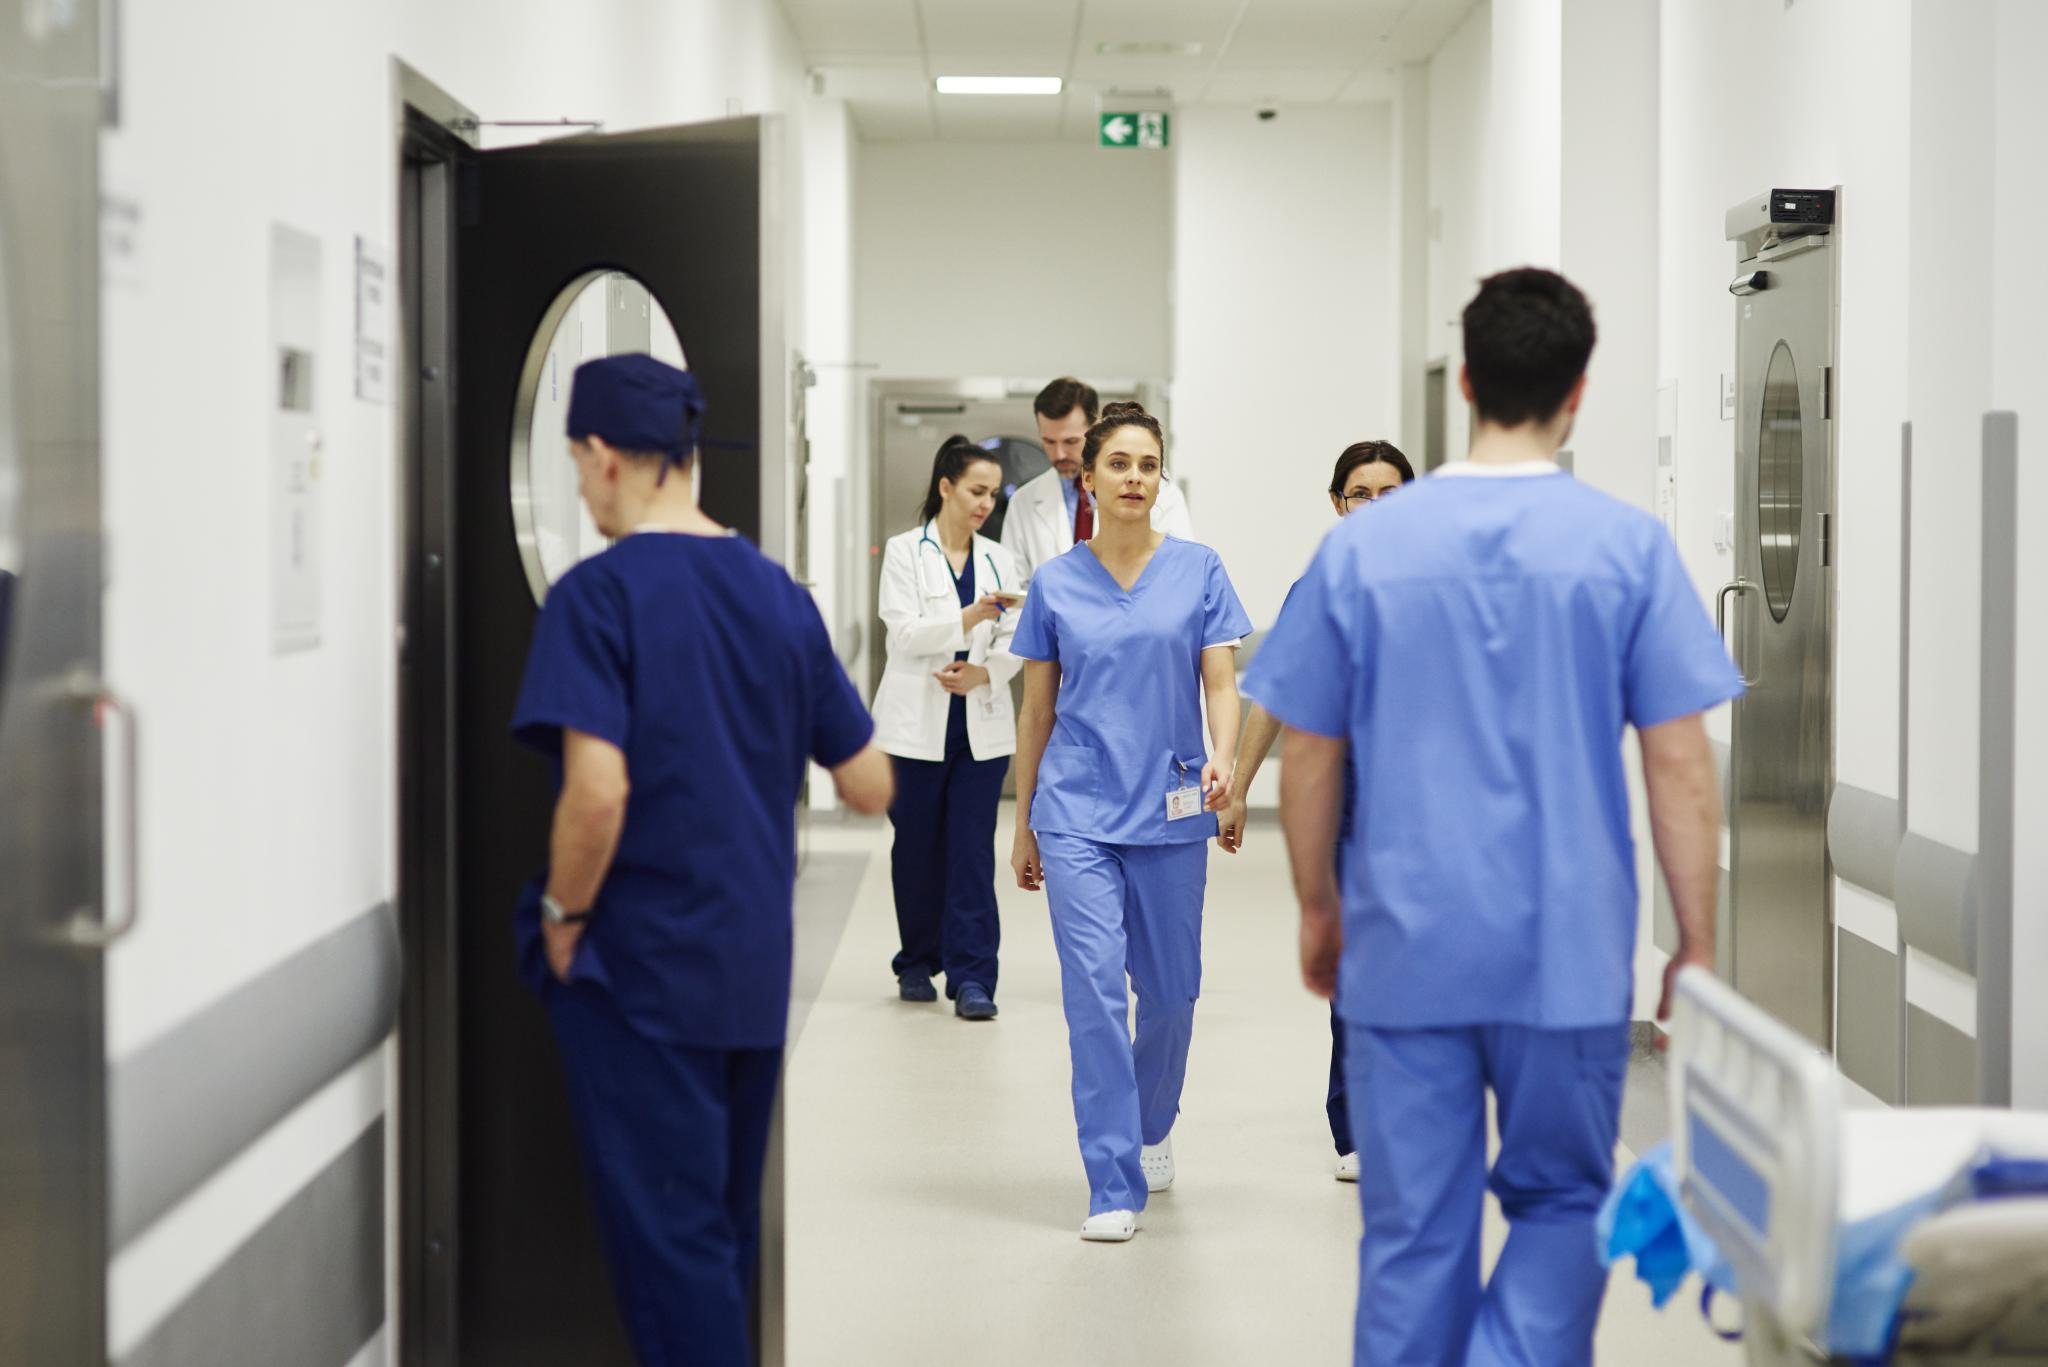 Maltraitance en stage : quand les étudiants en soins infirmiers témoignent